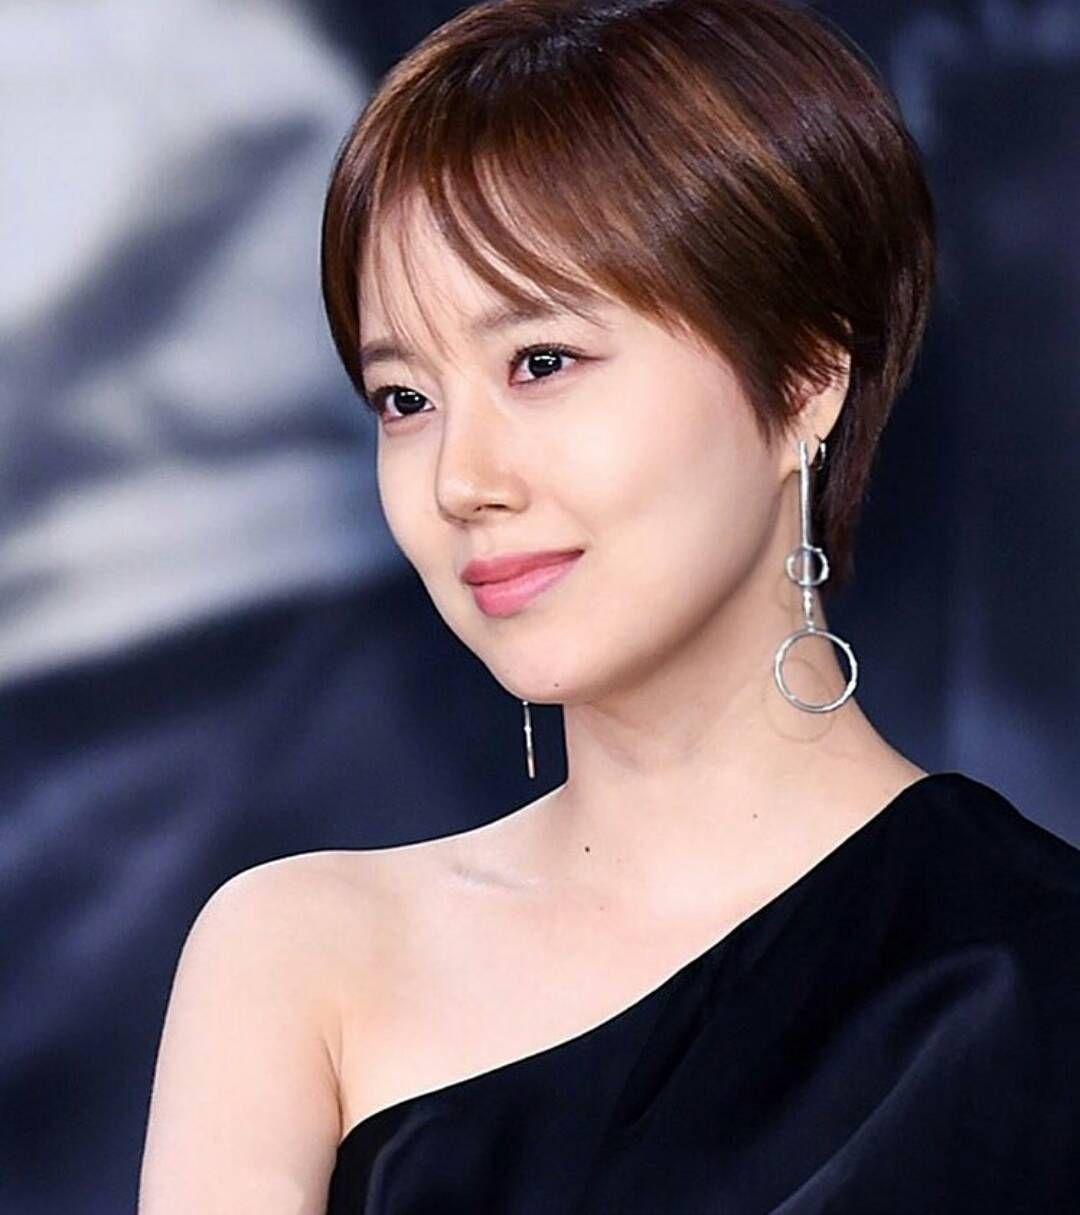 12+ South Korean Actress With Short Hair - Richi Galery